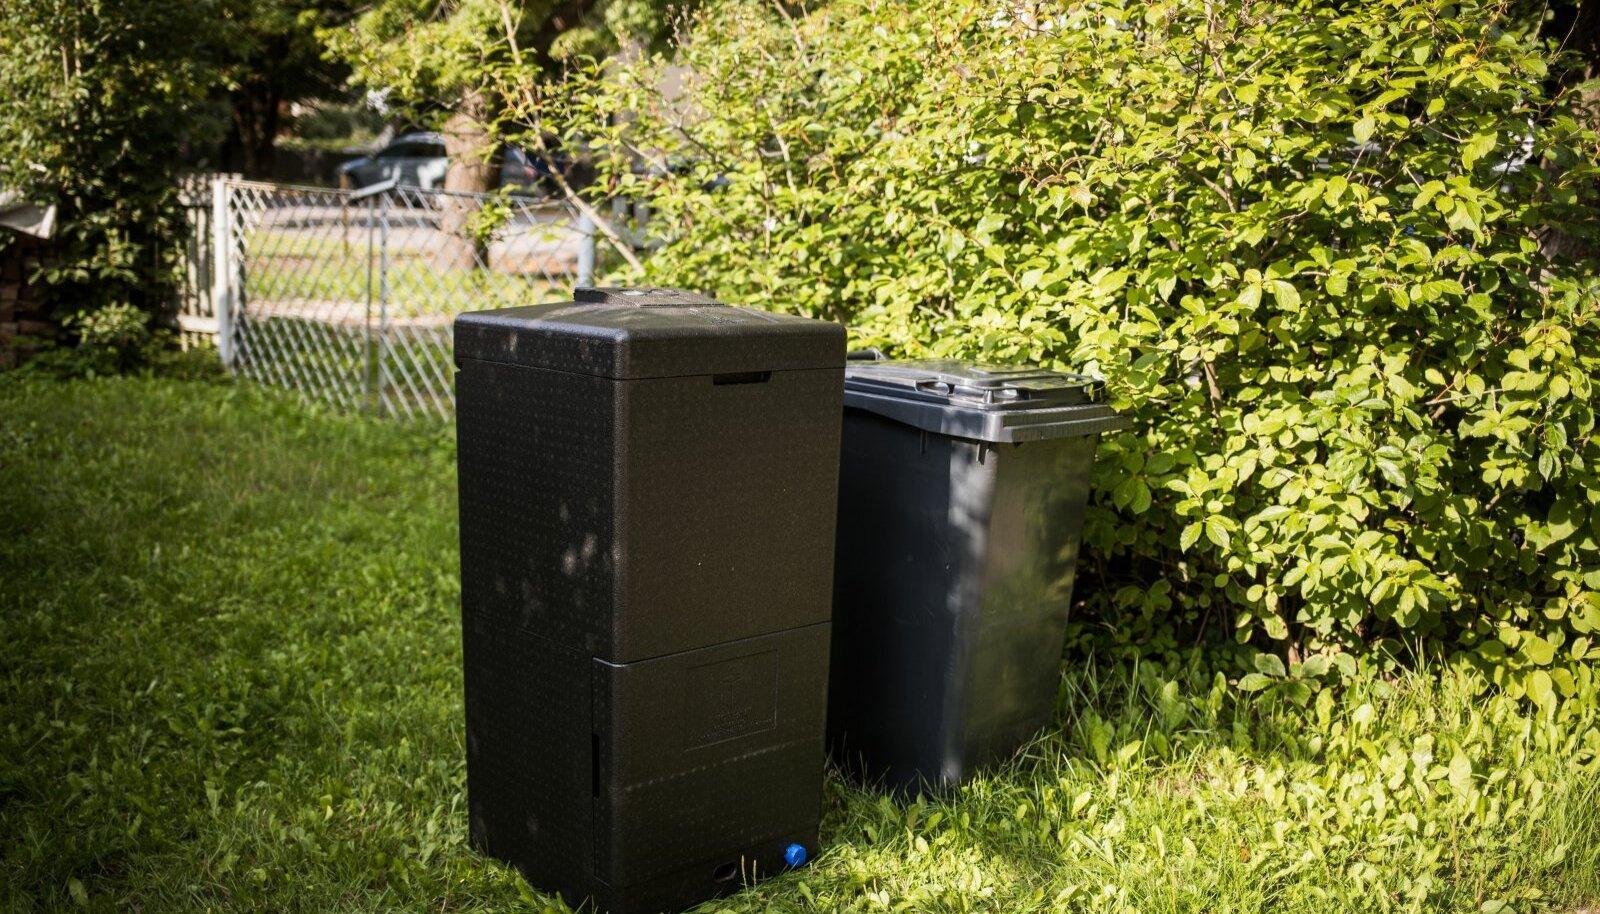 Vennalikult kõrvuti – kompostrisse lähevad biojäätmed ja kõrval olevasse kasti olmejäätmed.